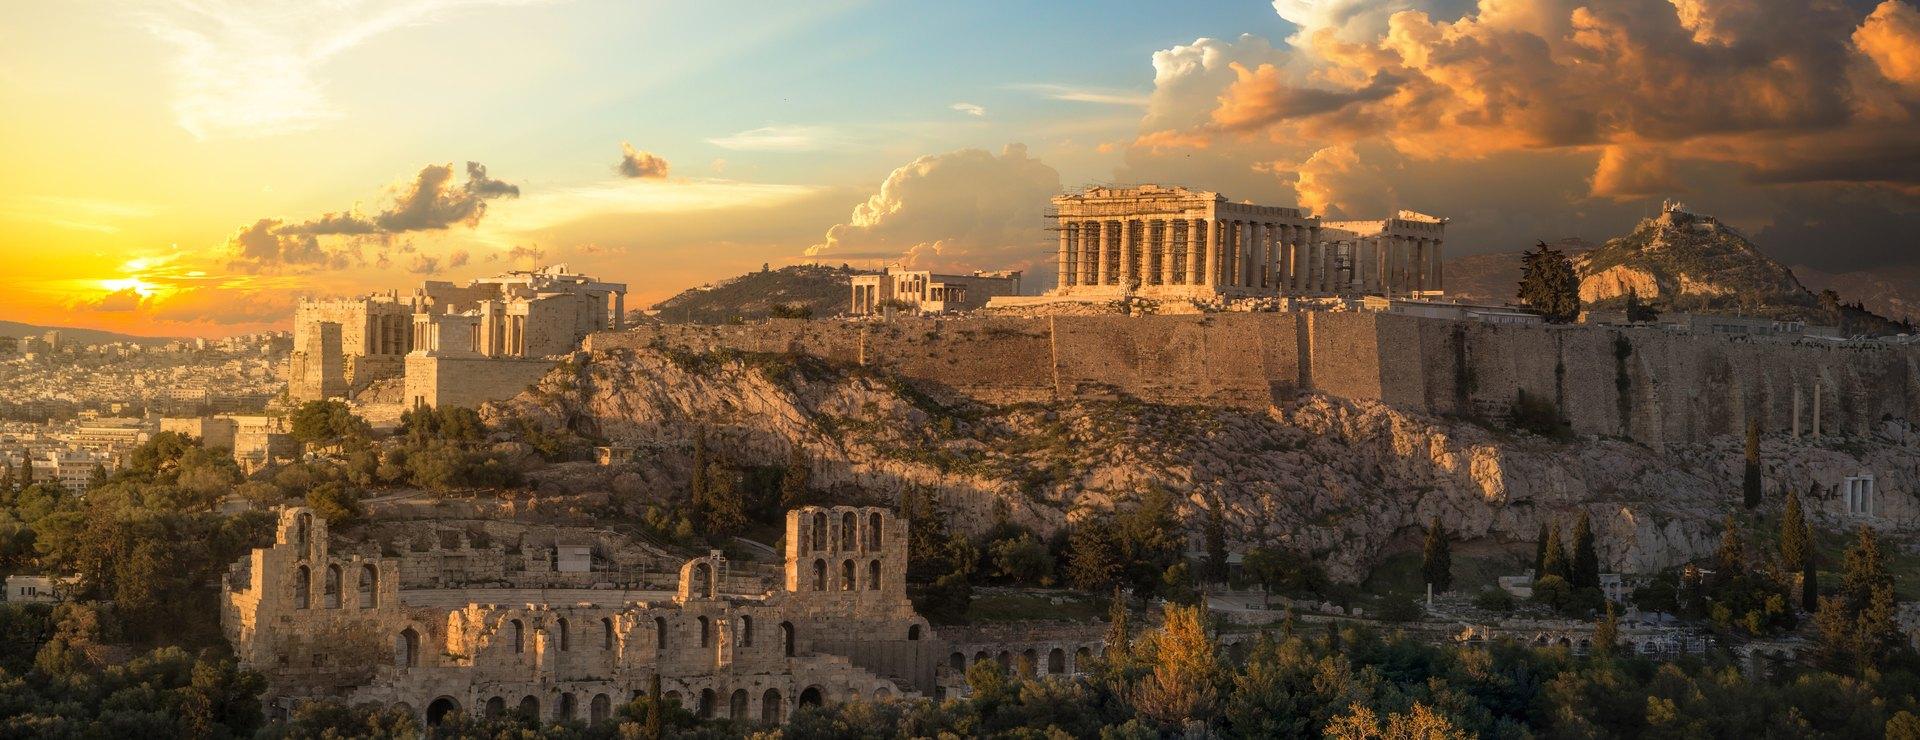 The Parthenon Image 1